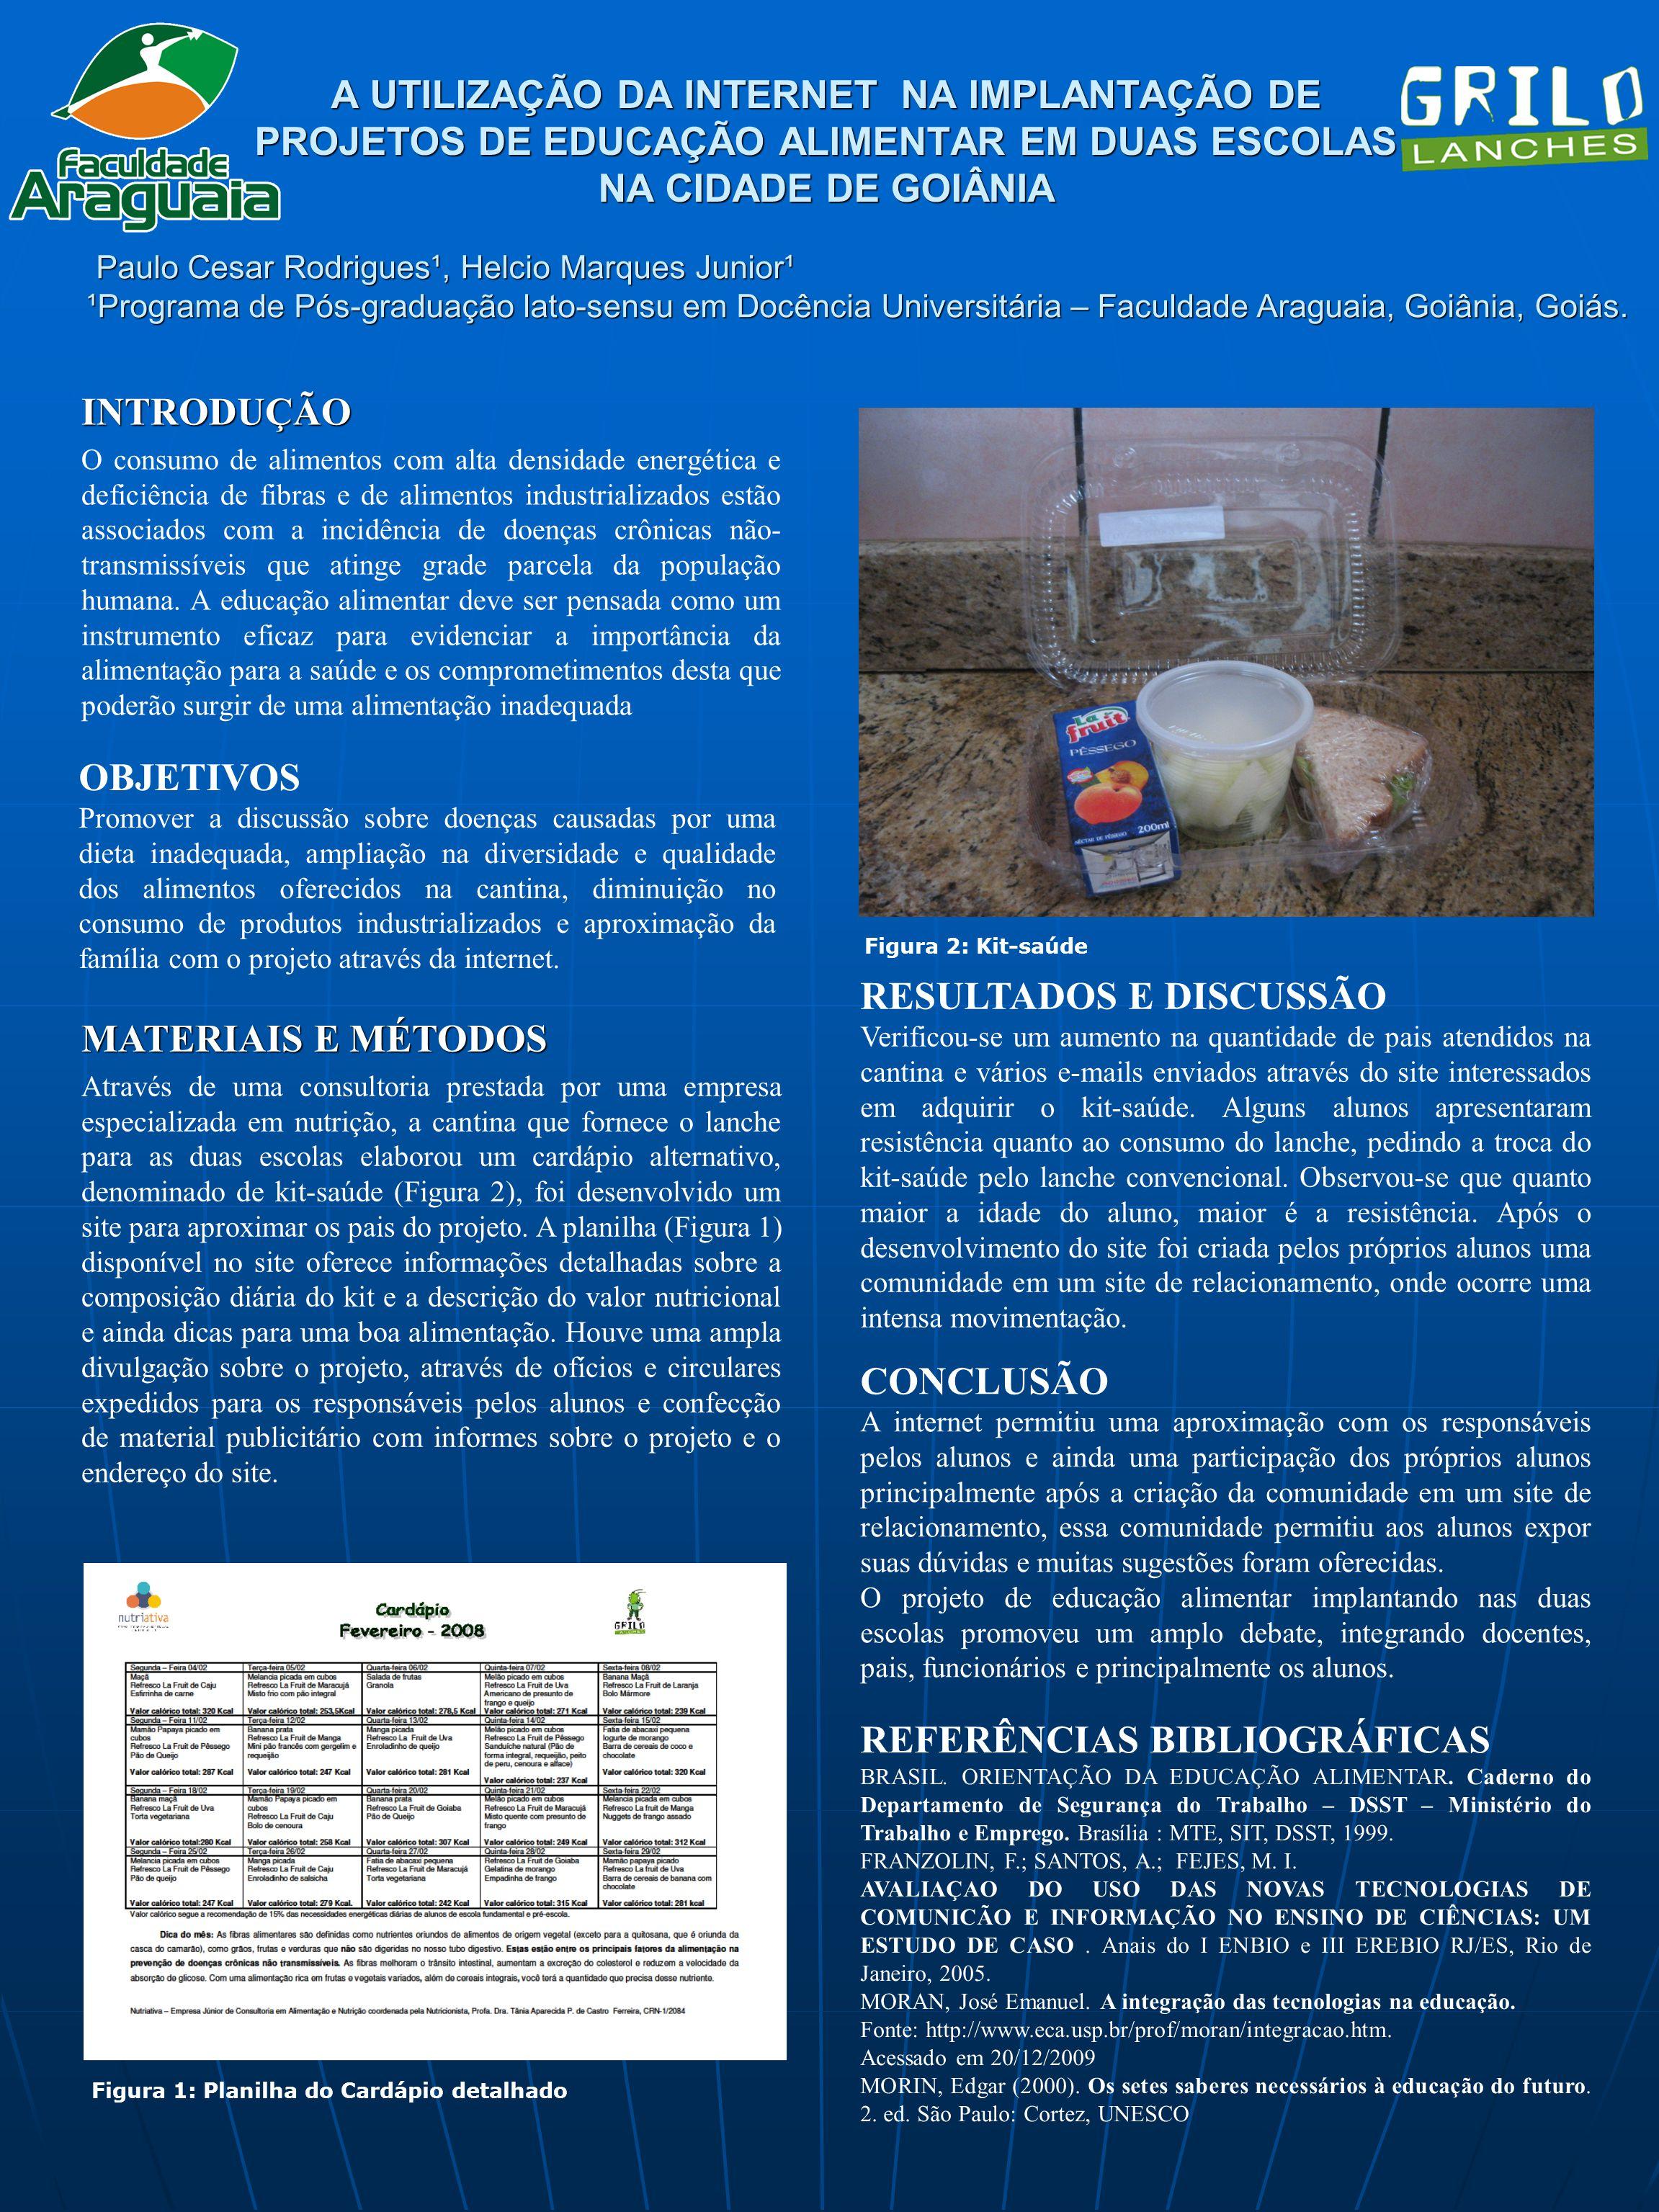 A UTILIZAÇÃO DA INTERNET NA IMPLANTAÇÃO DE PROJETOS DE EDUCAÇÃO ALIMENTAR EM DUAS ESCOLAS NA CIDADE DE GOIÂNIA INTRODUÇÃO O consumo de alimentos com alta densidade energética e deficiência de fibras e de alimentos industrializados estão associados com a incidência de doenças crônicas não- transmissíveis que atinge grade parcela da população humana.